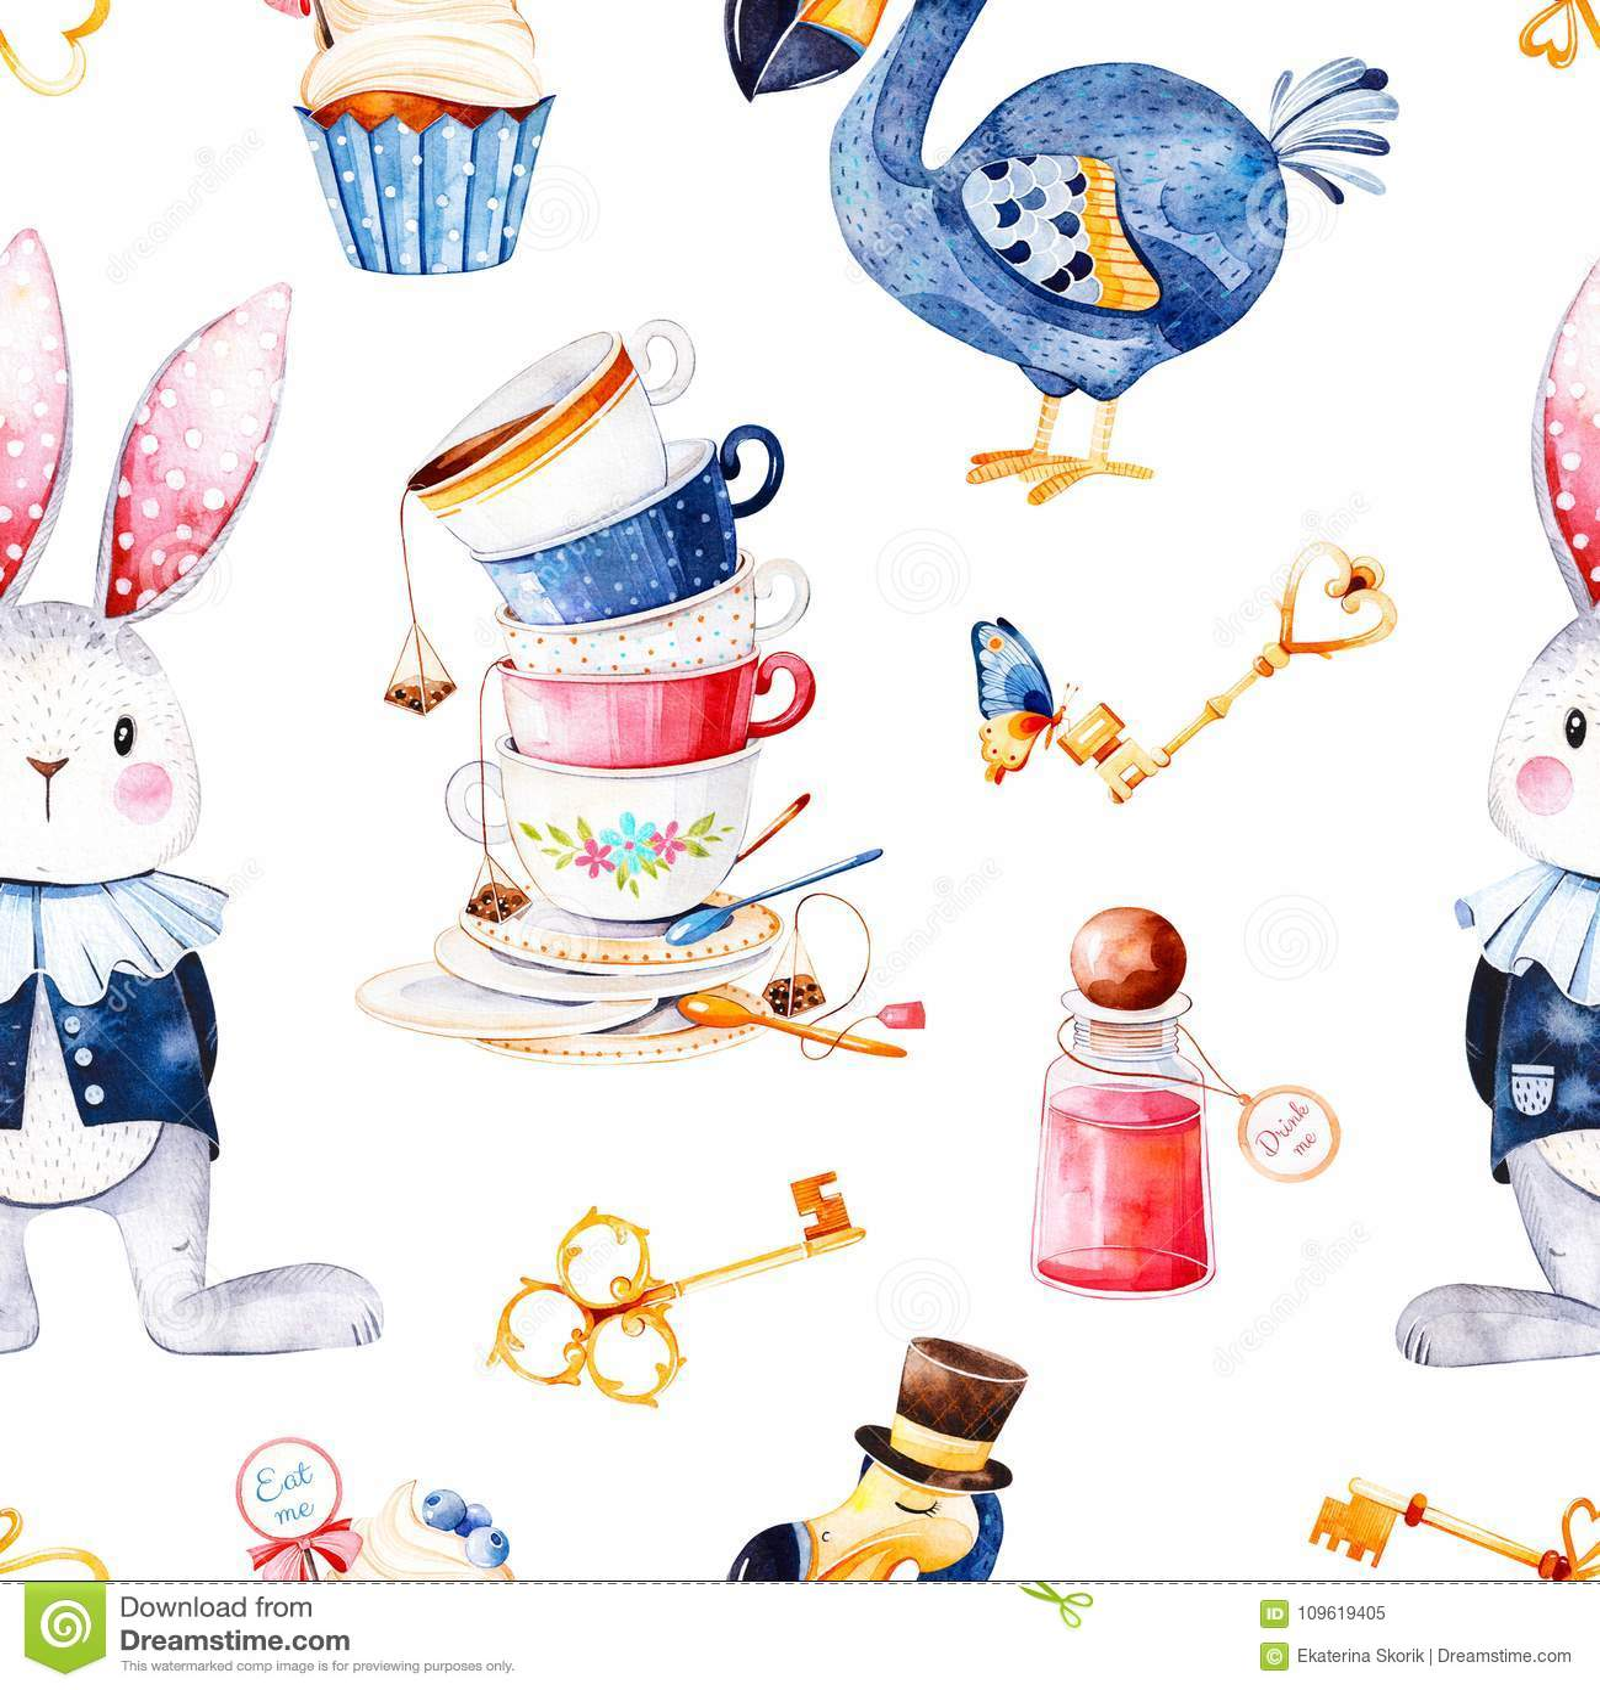 Magical pattern with bottle,Dodo bird,golden keys,cute rabbit in blue jacket,cupcake